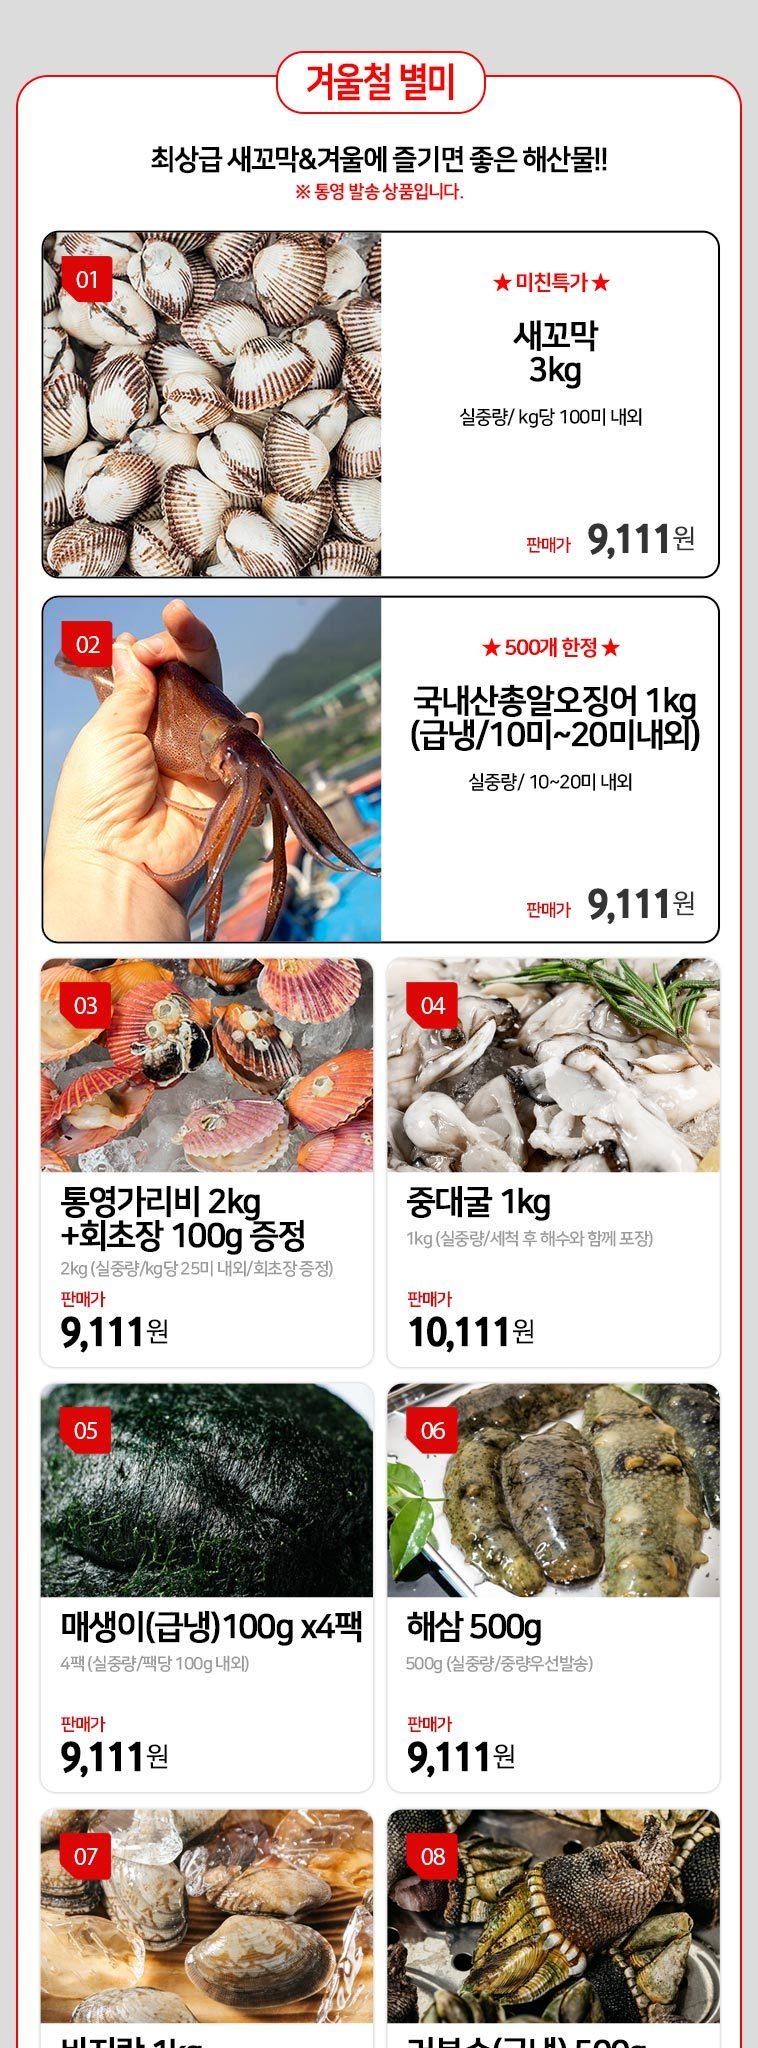 [11데이] 통통 제철 새꼬막 3kg - 상세정보